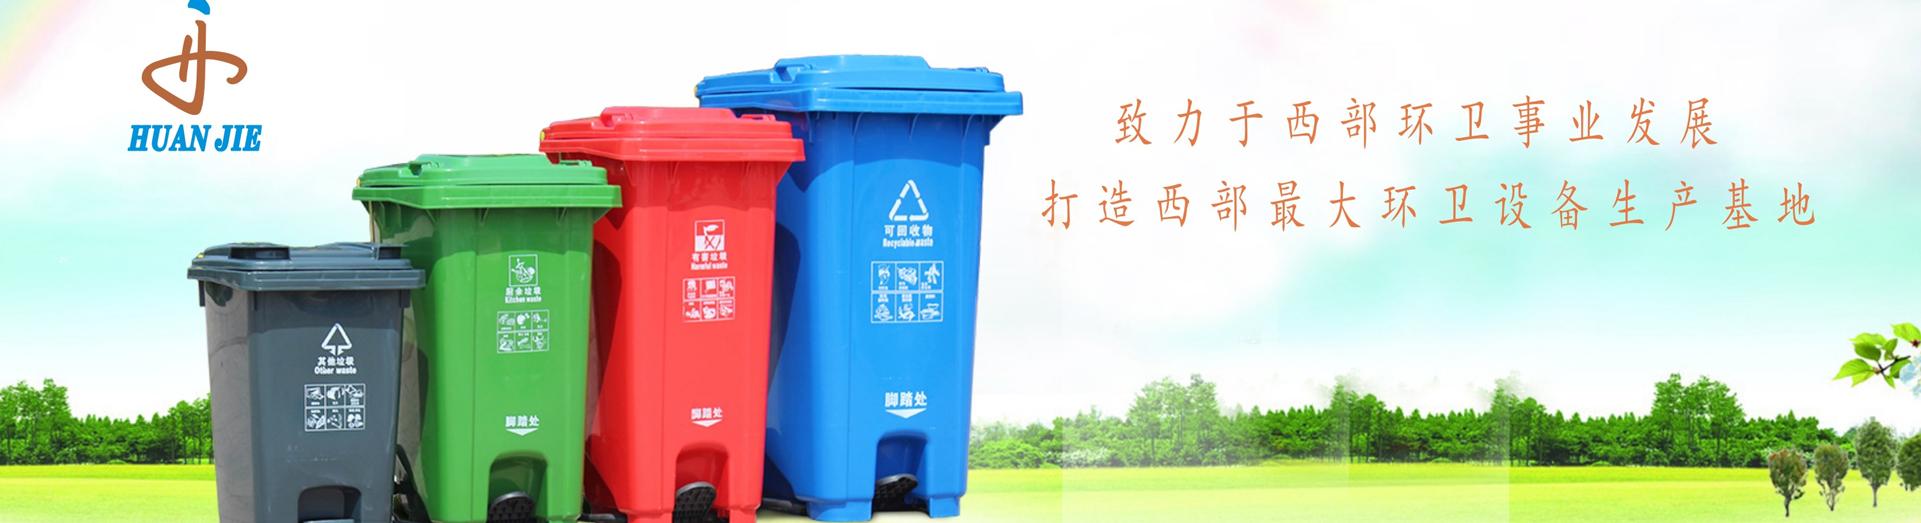 西安垃圾桶